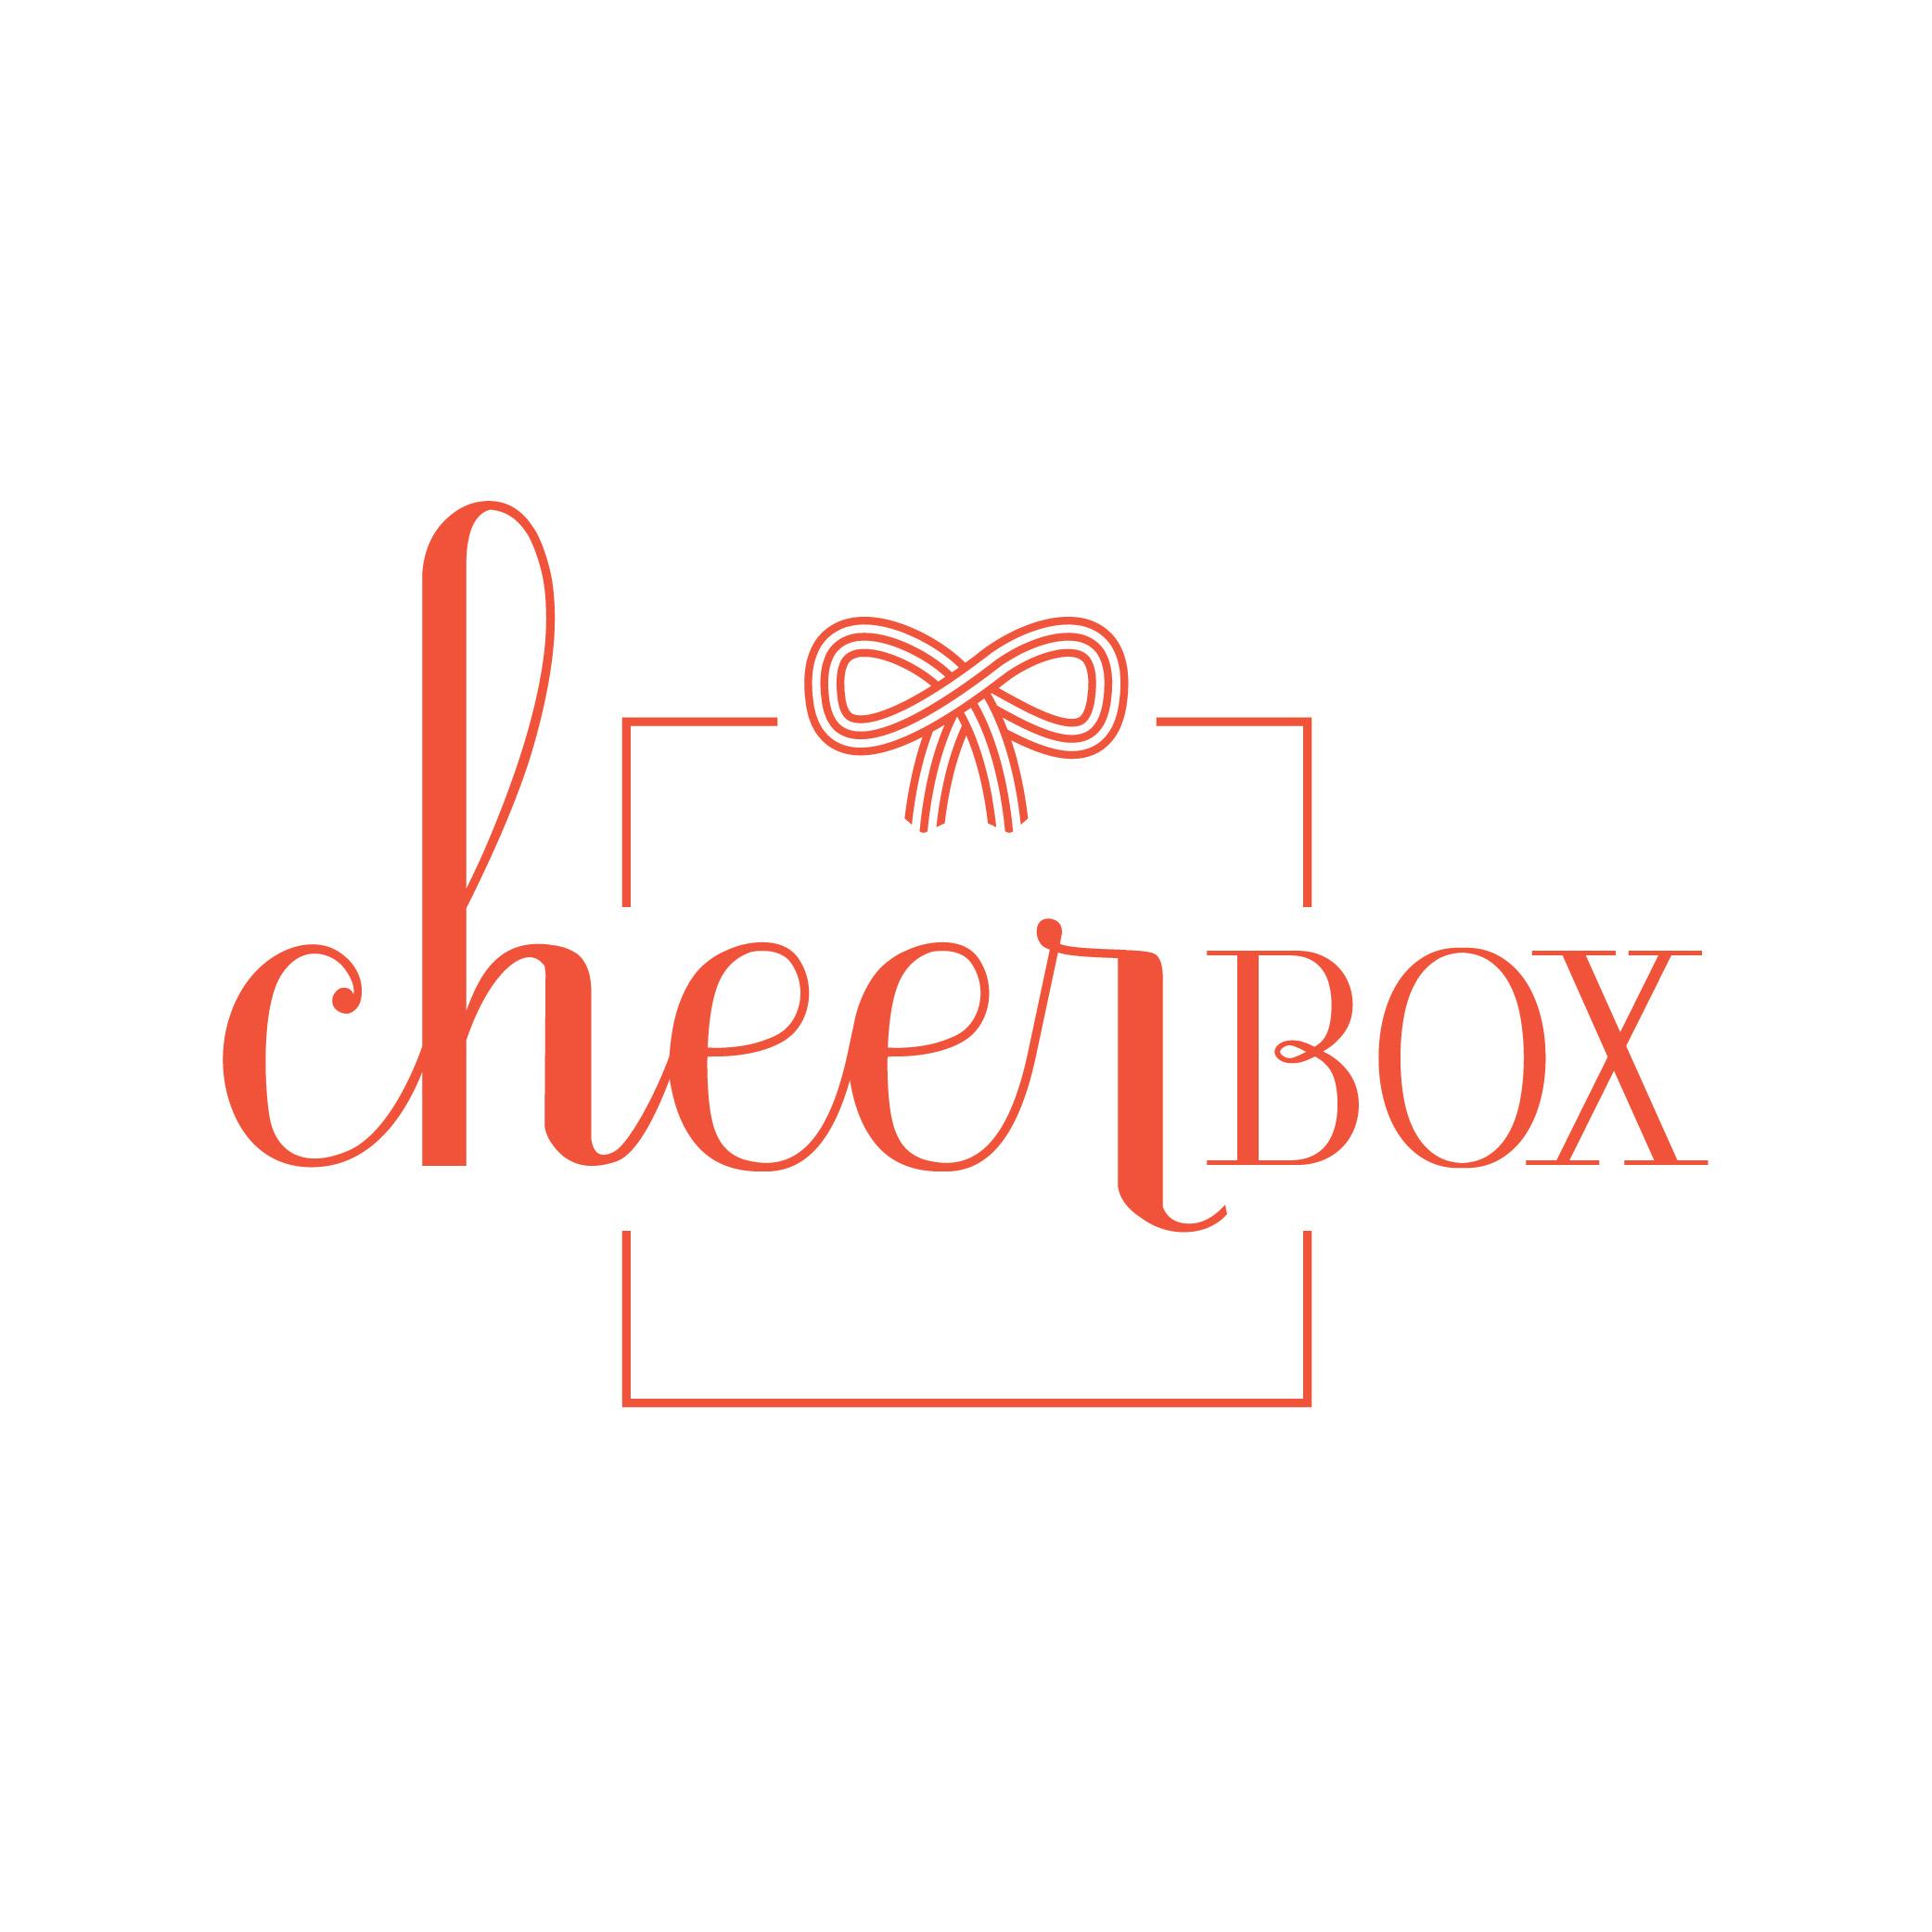 cheerbox.jpg